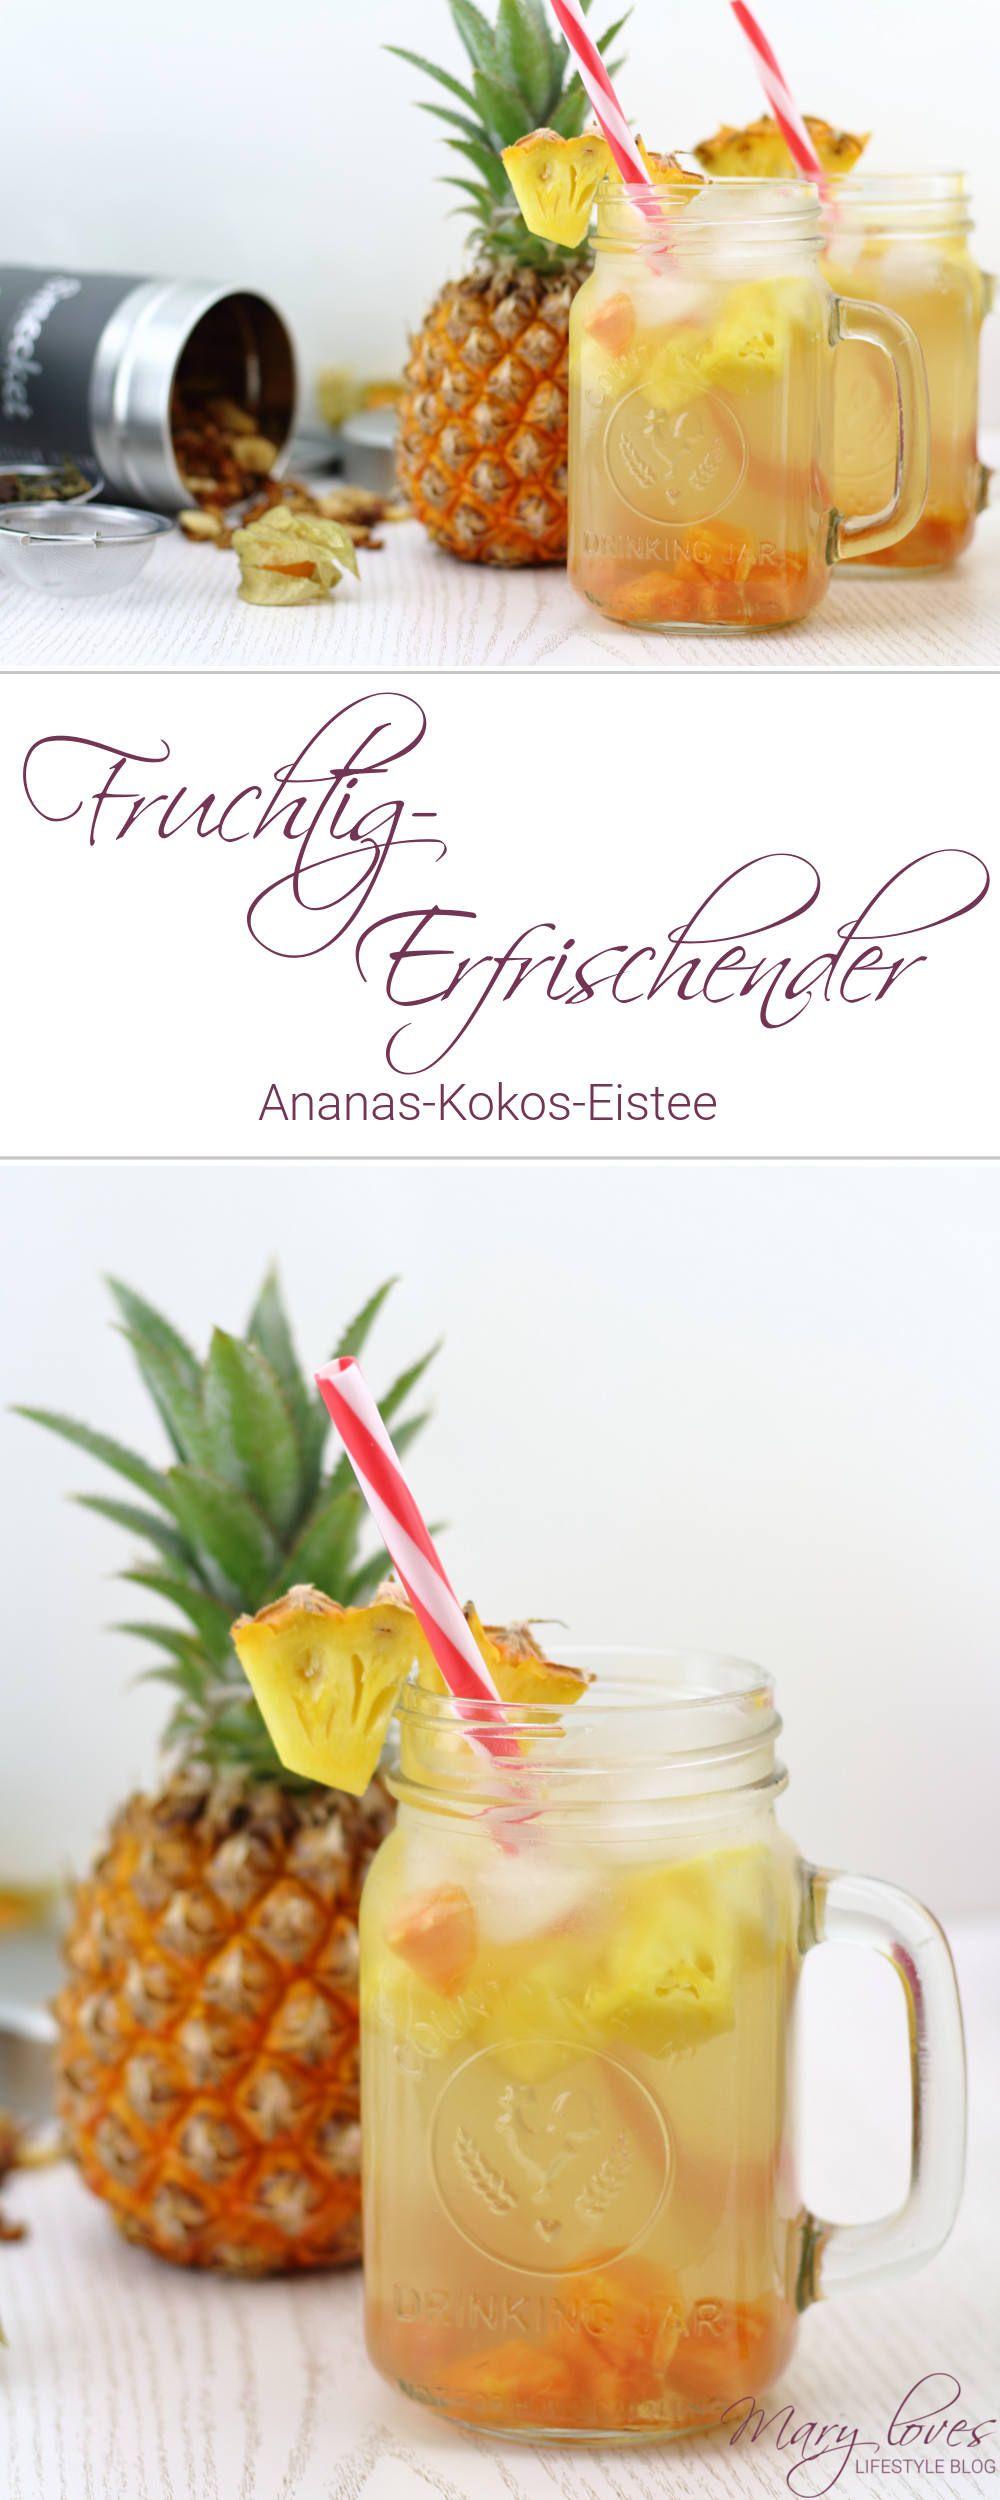 Fruchtig-Erfrischender Eistee mit Smecket | Pinterest | Ananas kokos ...